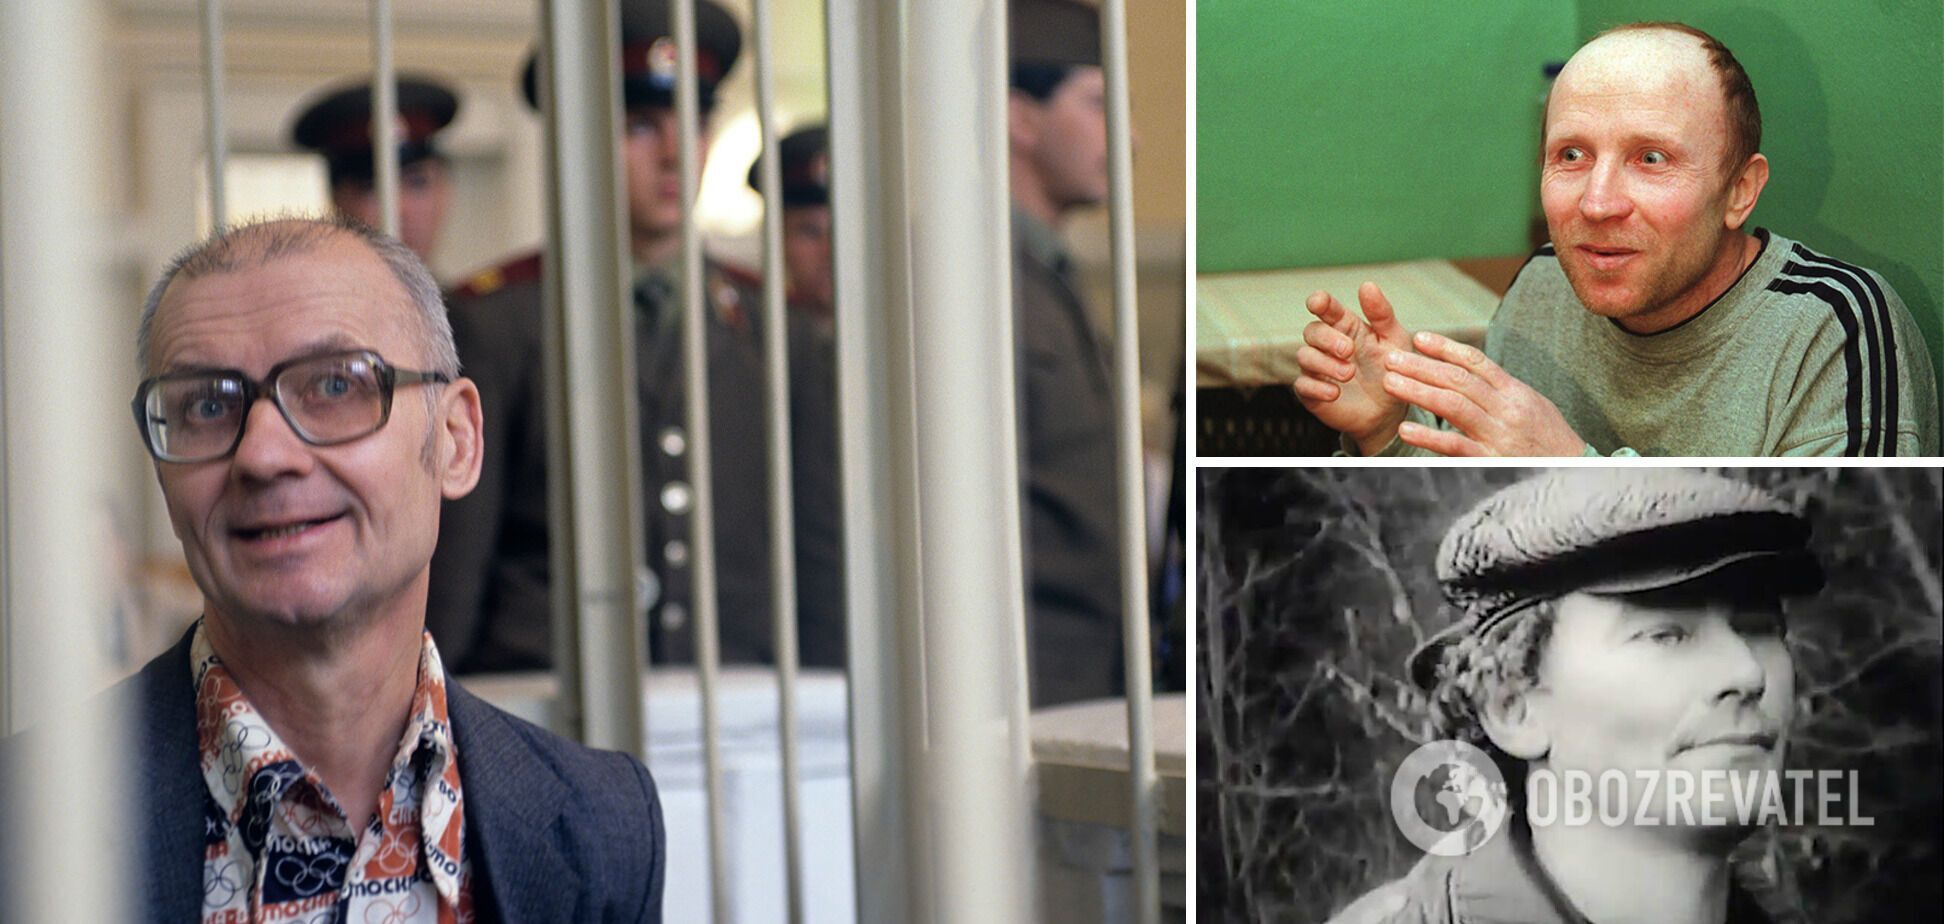 Від 'Шахового вбивці' до 'Українського звіра': поговоримо про маніяків